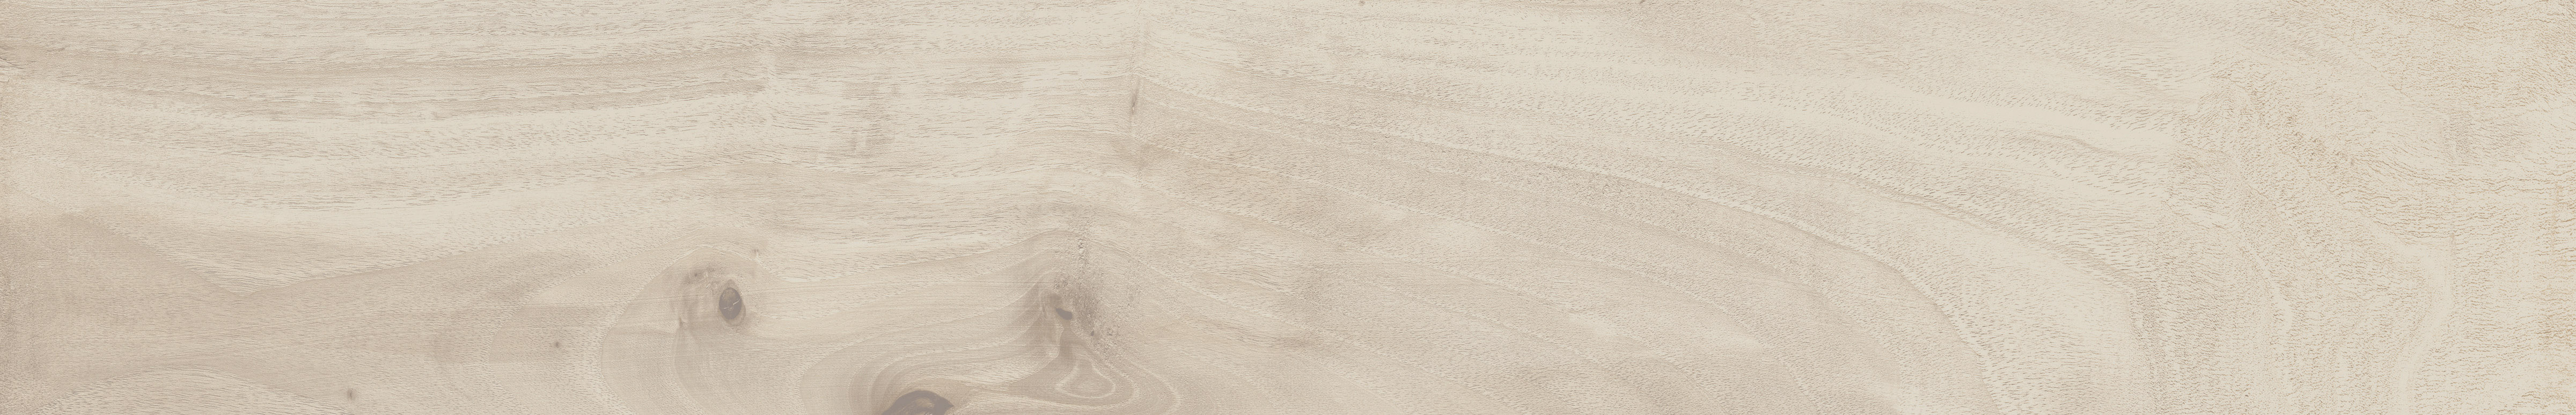 Плитка Allwood Bianco (zzxwu1r) изображение 3